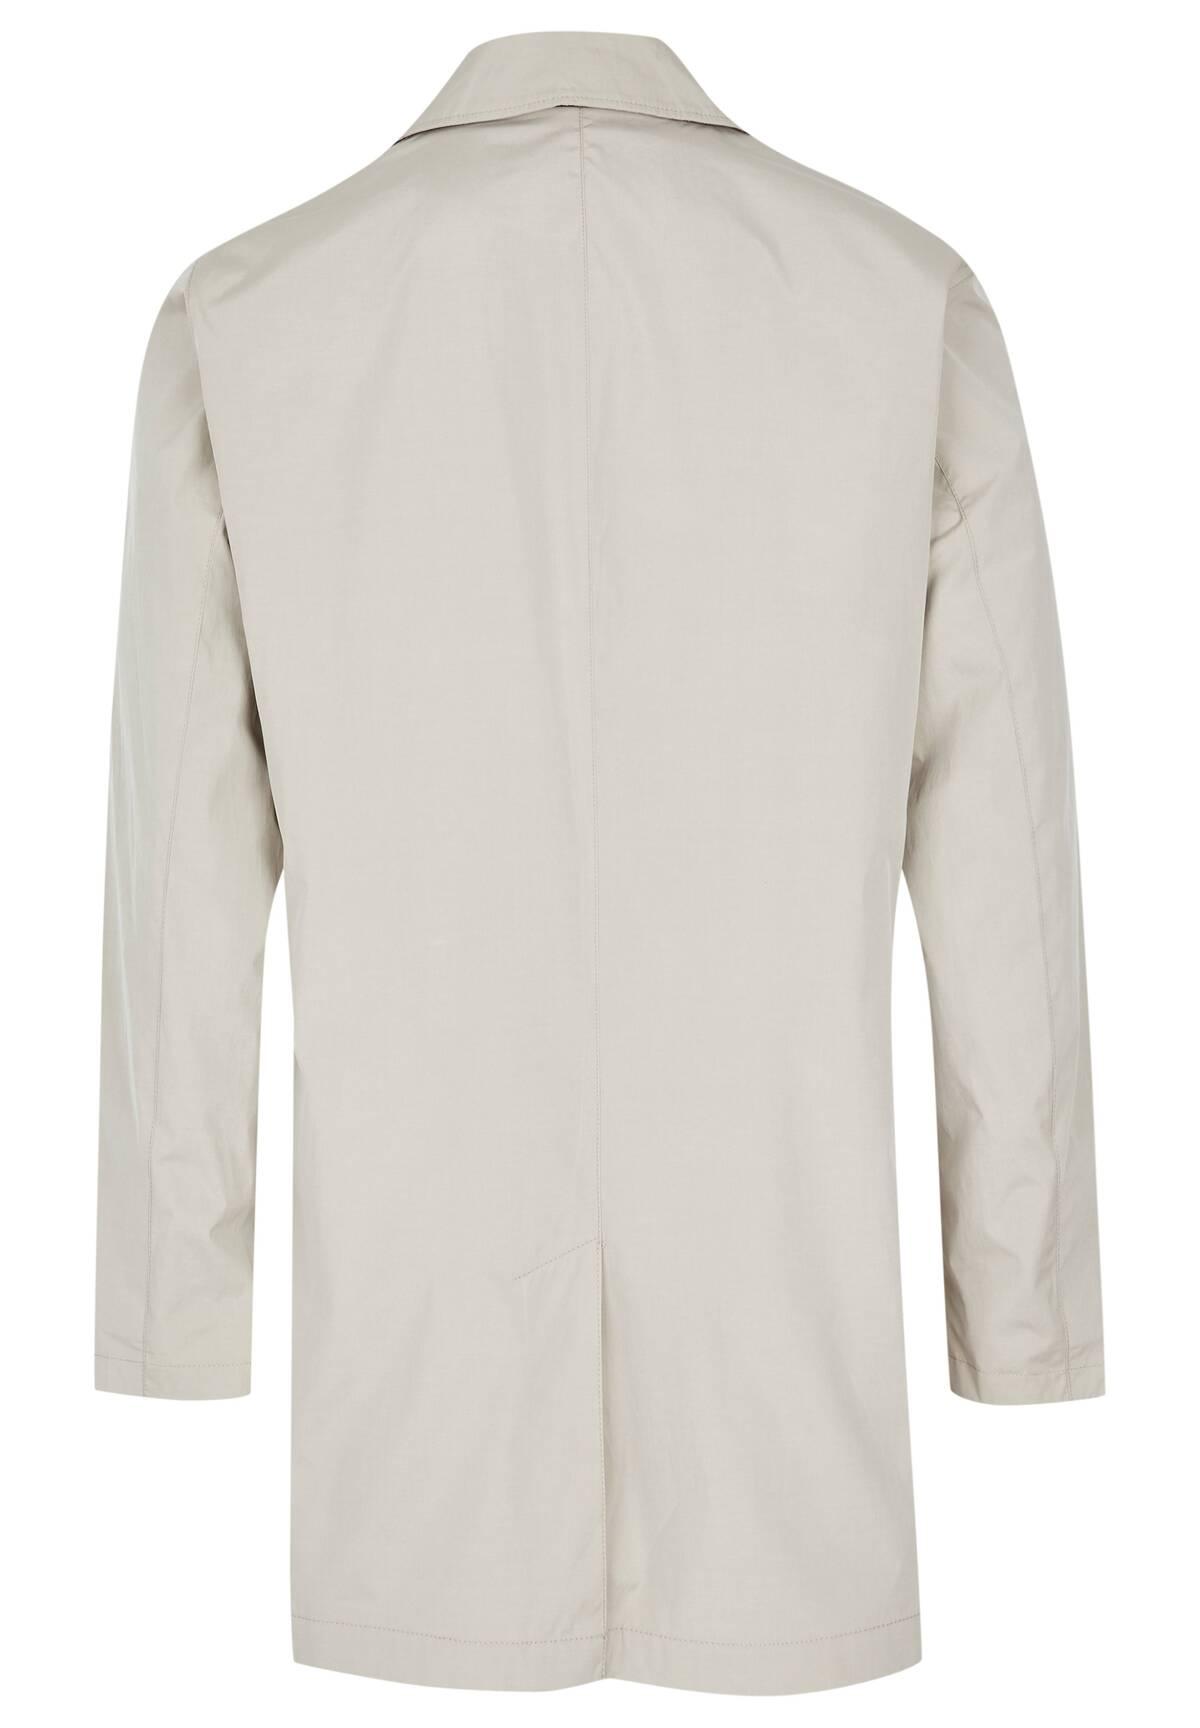 Wasserabweisender Mantel / COAT